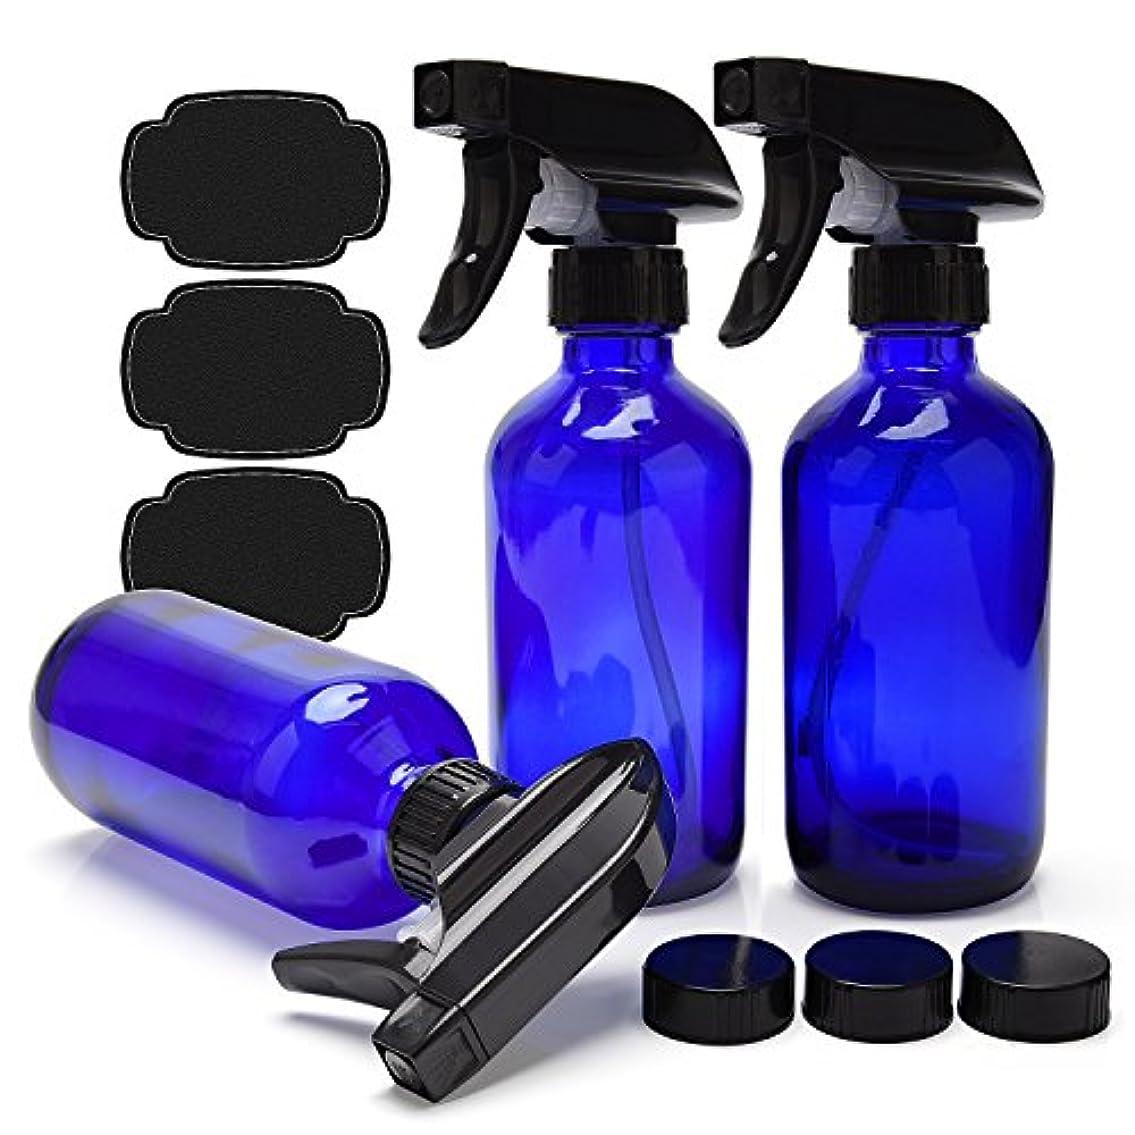 サンドイッチシャイお勧めULG 青いガラス スプレーボトルエッセンシャルオイルまたはクリーニング製品 用 空 3枚ボストンラウンドボトルヘビーデューティー黒トリガースプレーミストやストリーム 設定 8オンス コバルトブルー